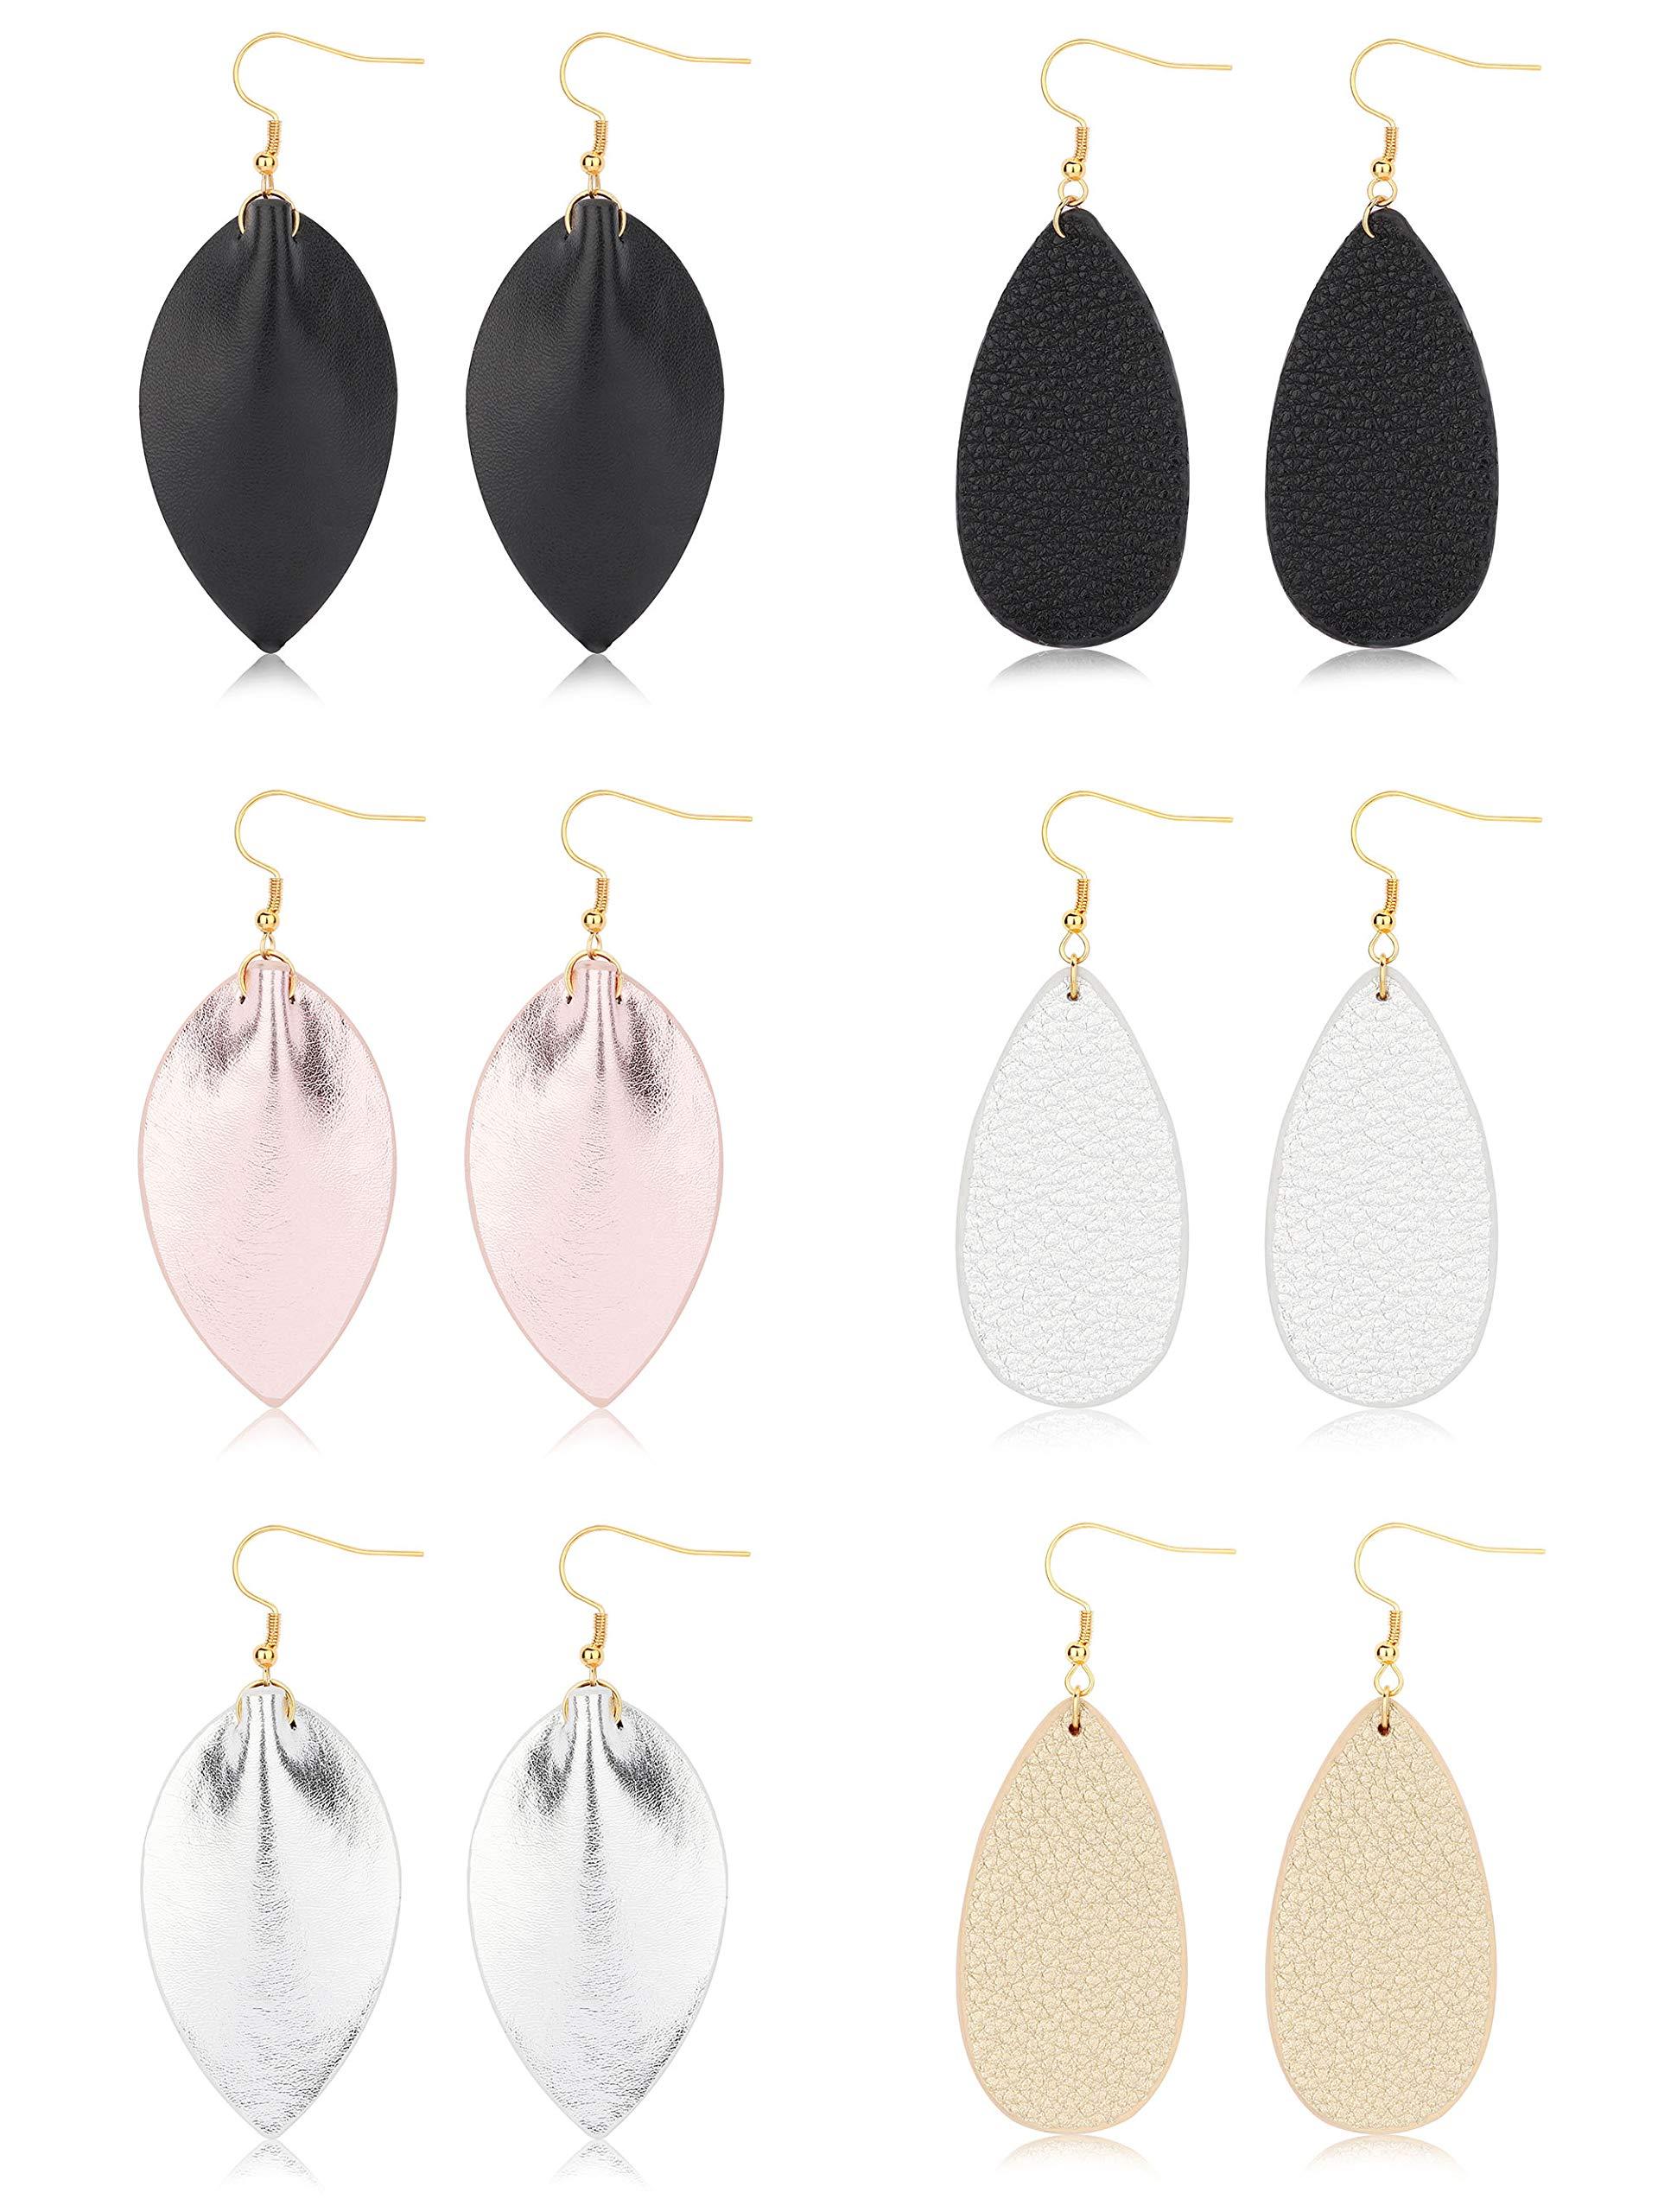 FIBO STEEL Teardrop Leather Earrings for Women Girls Dangle Drop Earrings 6 Pairs